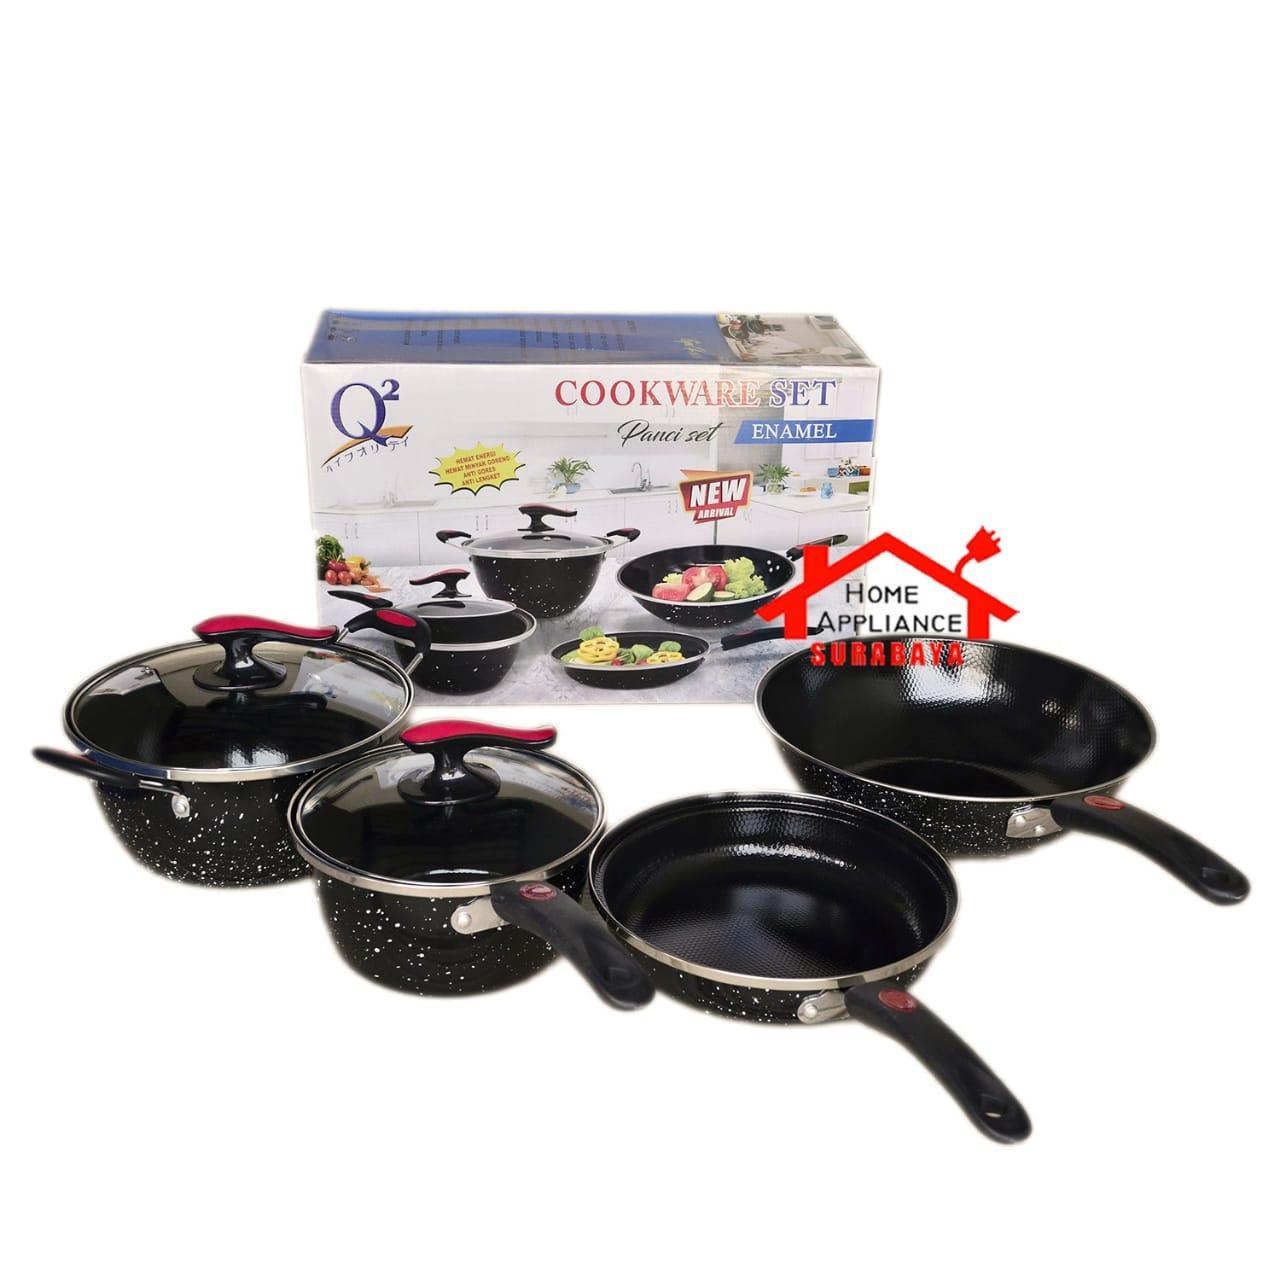 Panci Wajan Penggorengan Goreng Serbaguna Cookware Set Enamel 6 PCS Q2 8830 / Q2-8830